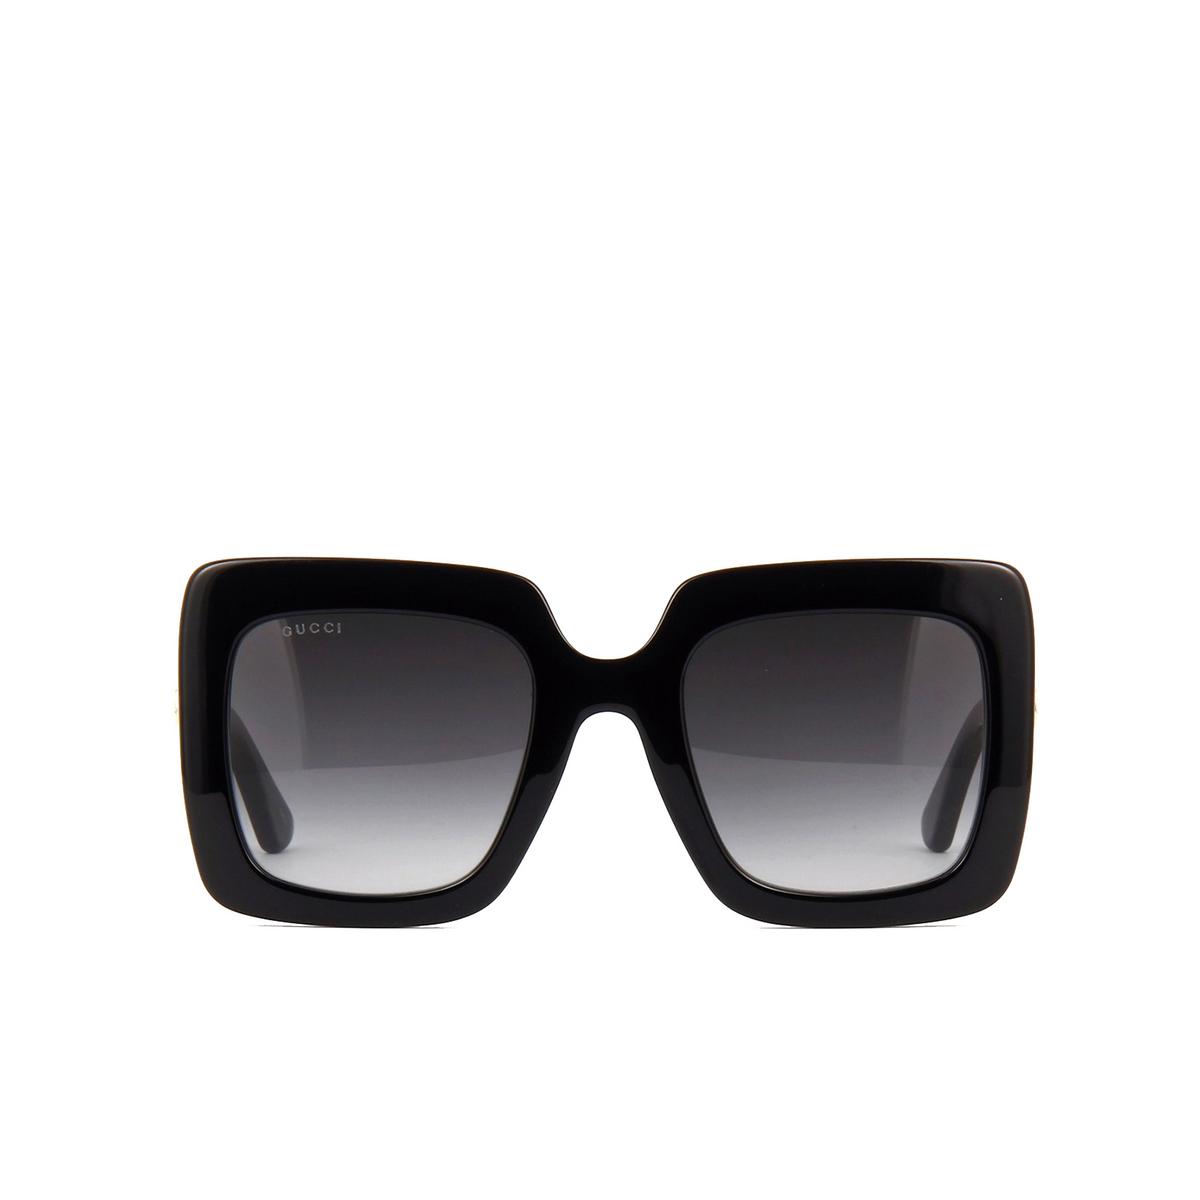 Gucci® Square Sunglasses: GG0328S color Black 001 - 1/3.